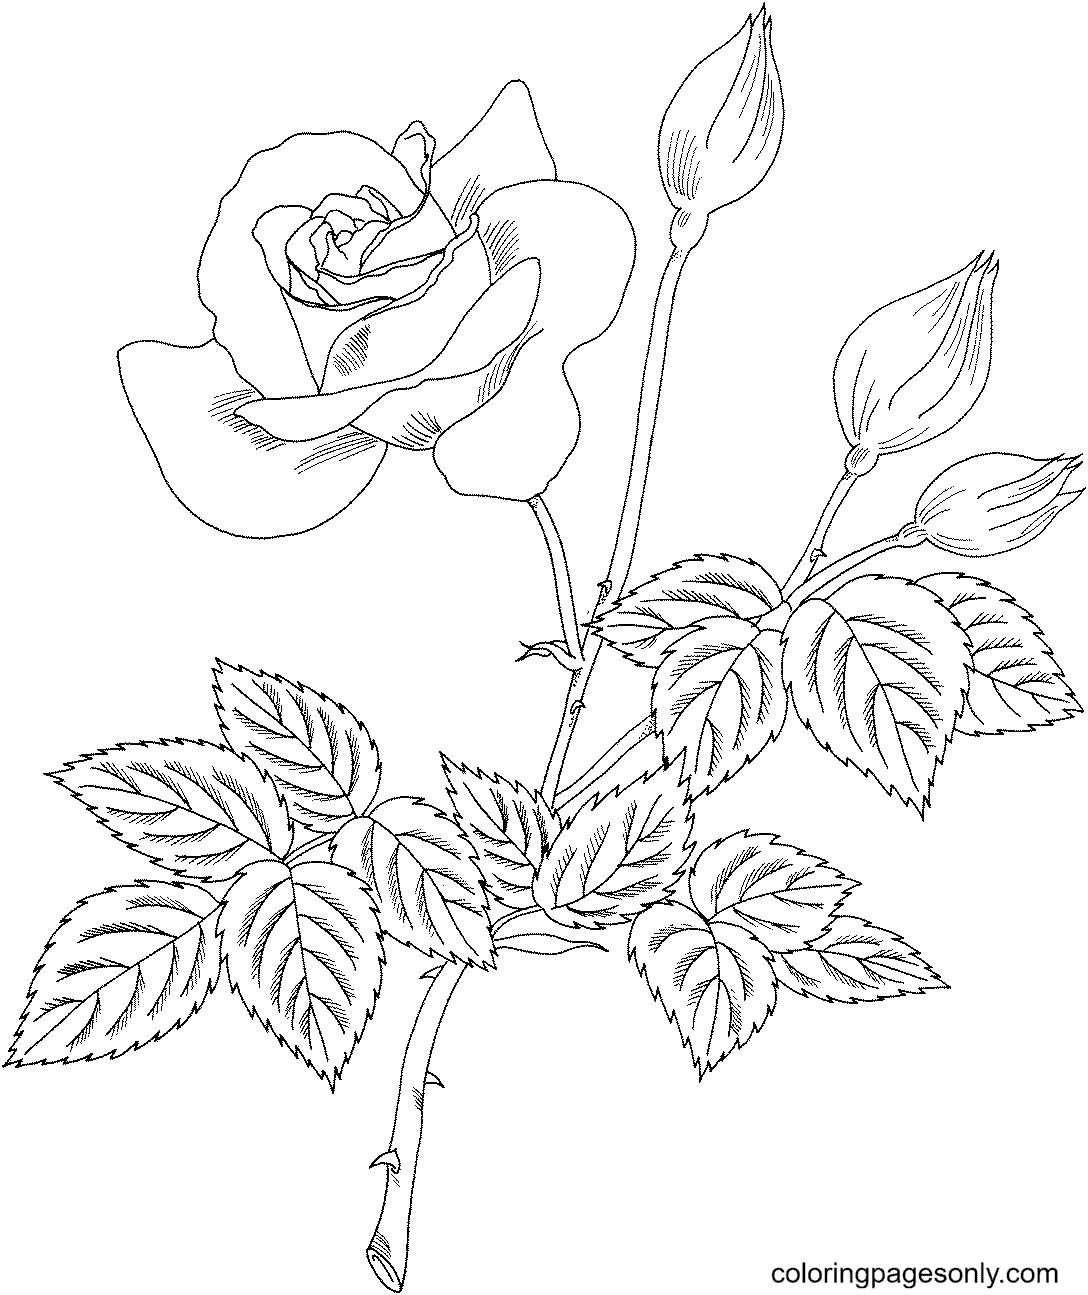 Grandiflora Rose 'Cherry Vanilla' Coloring Page